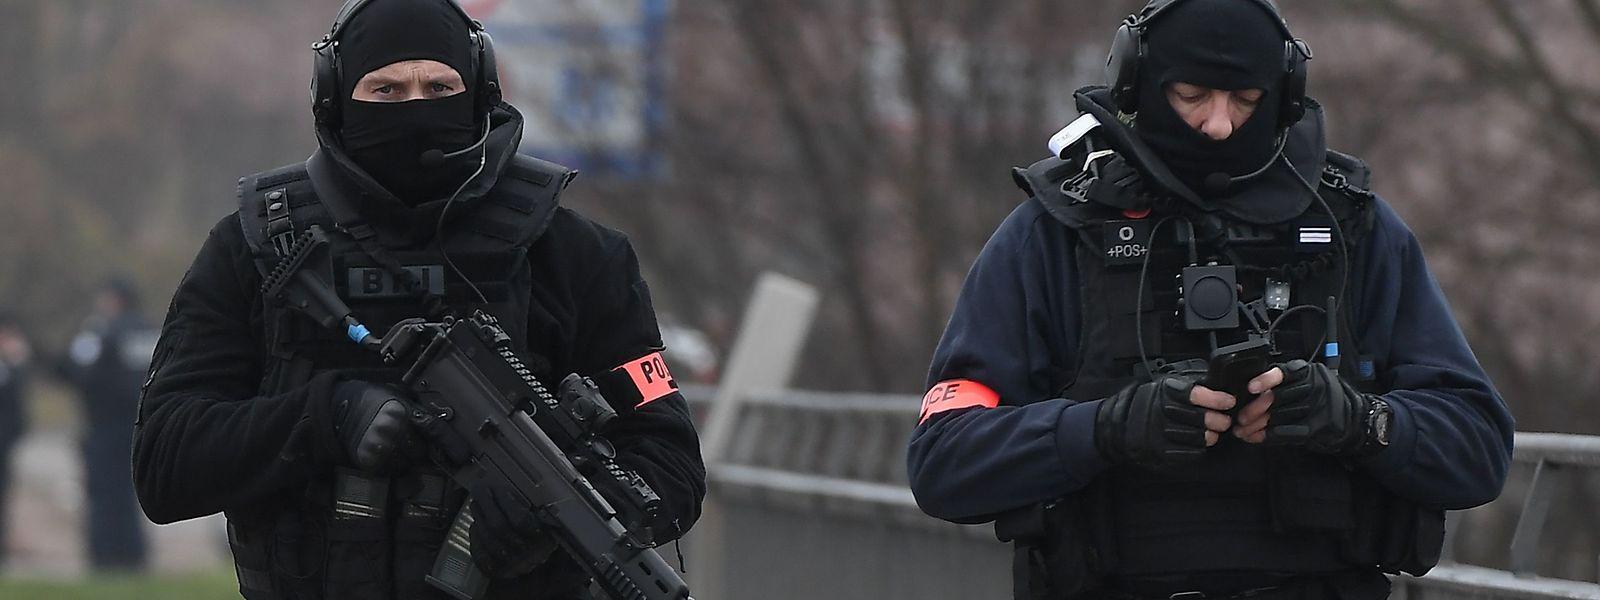 """Mitglieder der """"Brigade de recherche et d'intervention"""" der französischen Kriminalpolizei im Einsatz."""